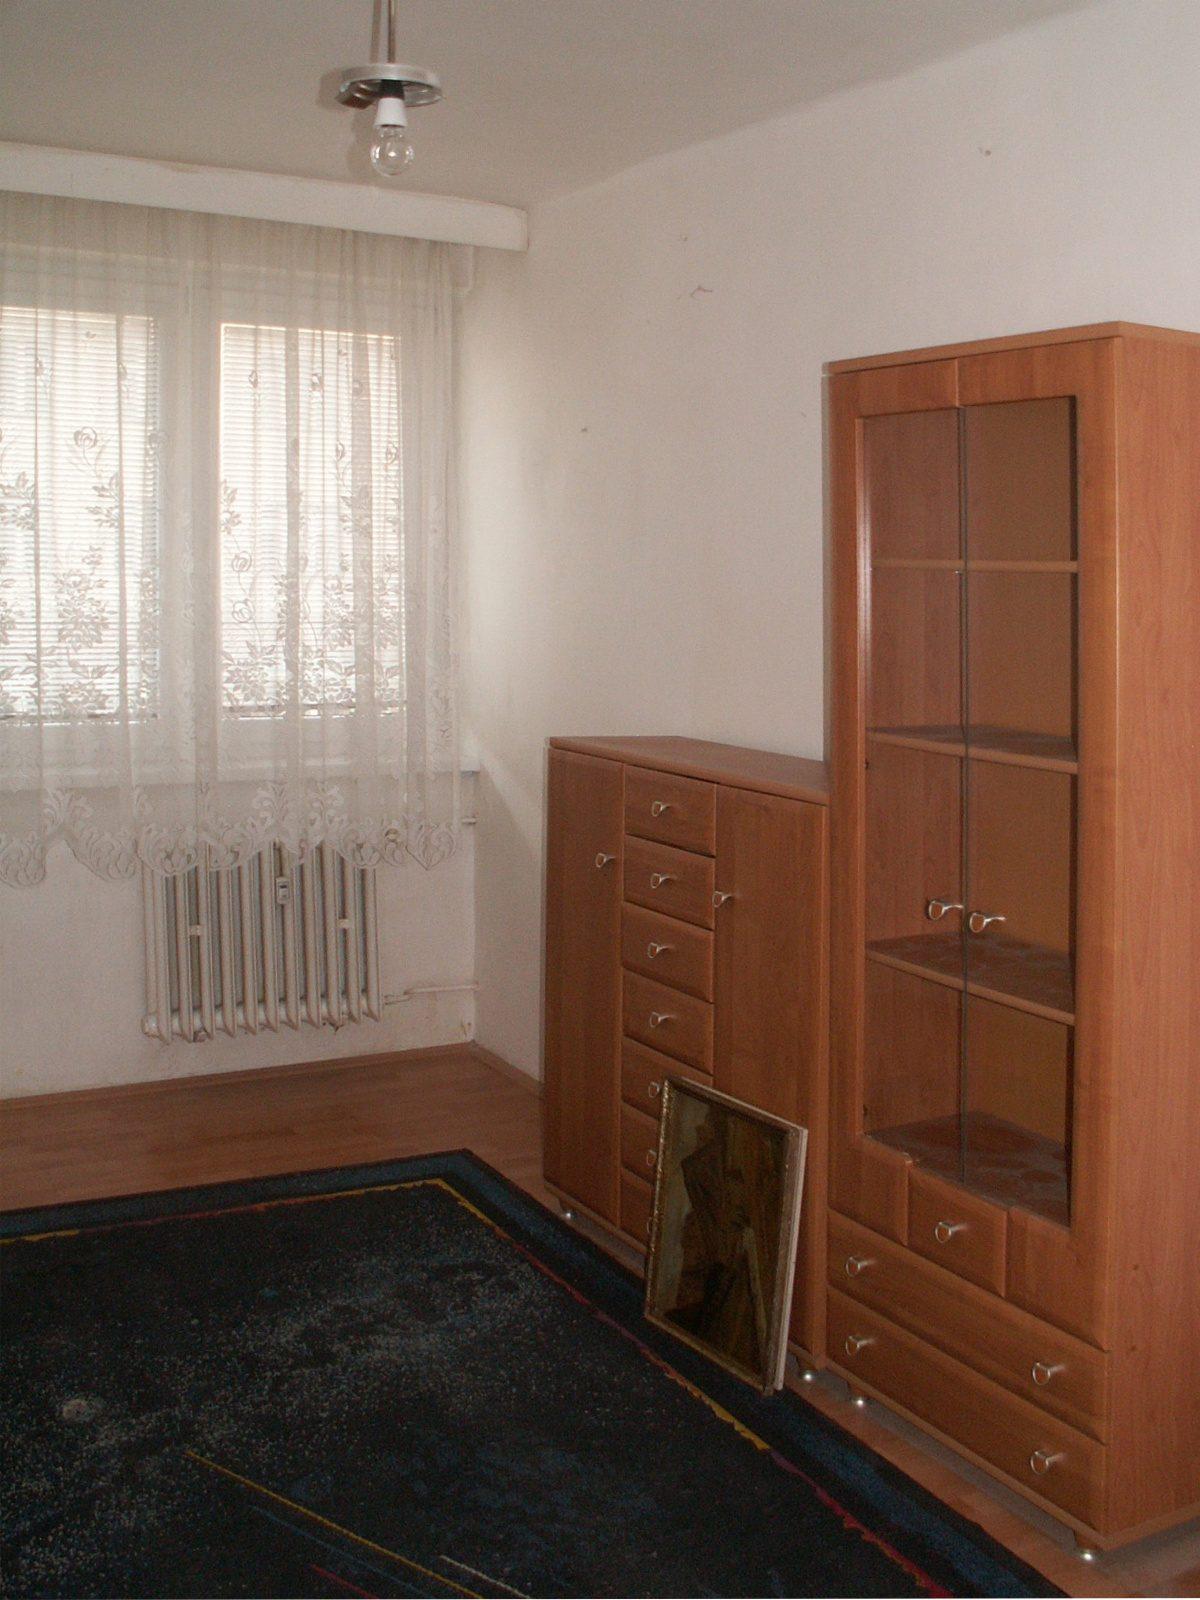 Byt Praha Banskobystrická - původní stav